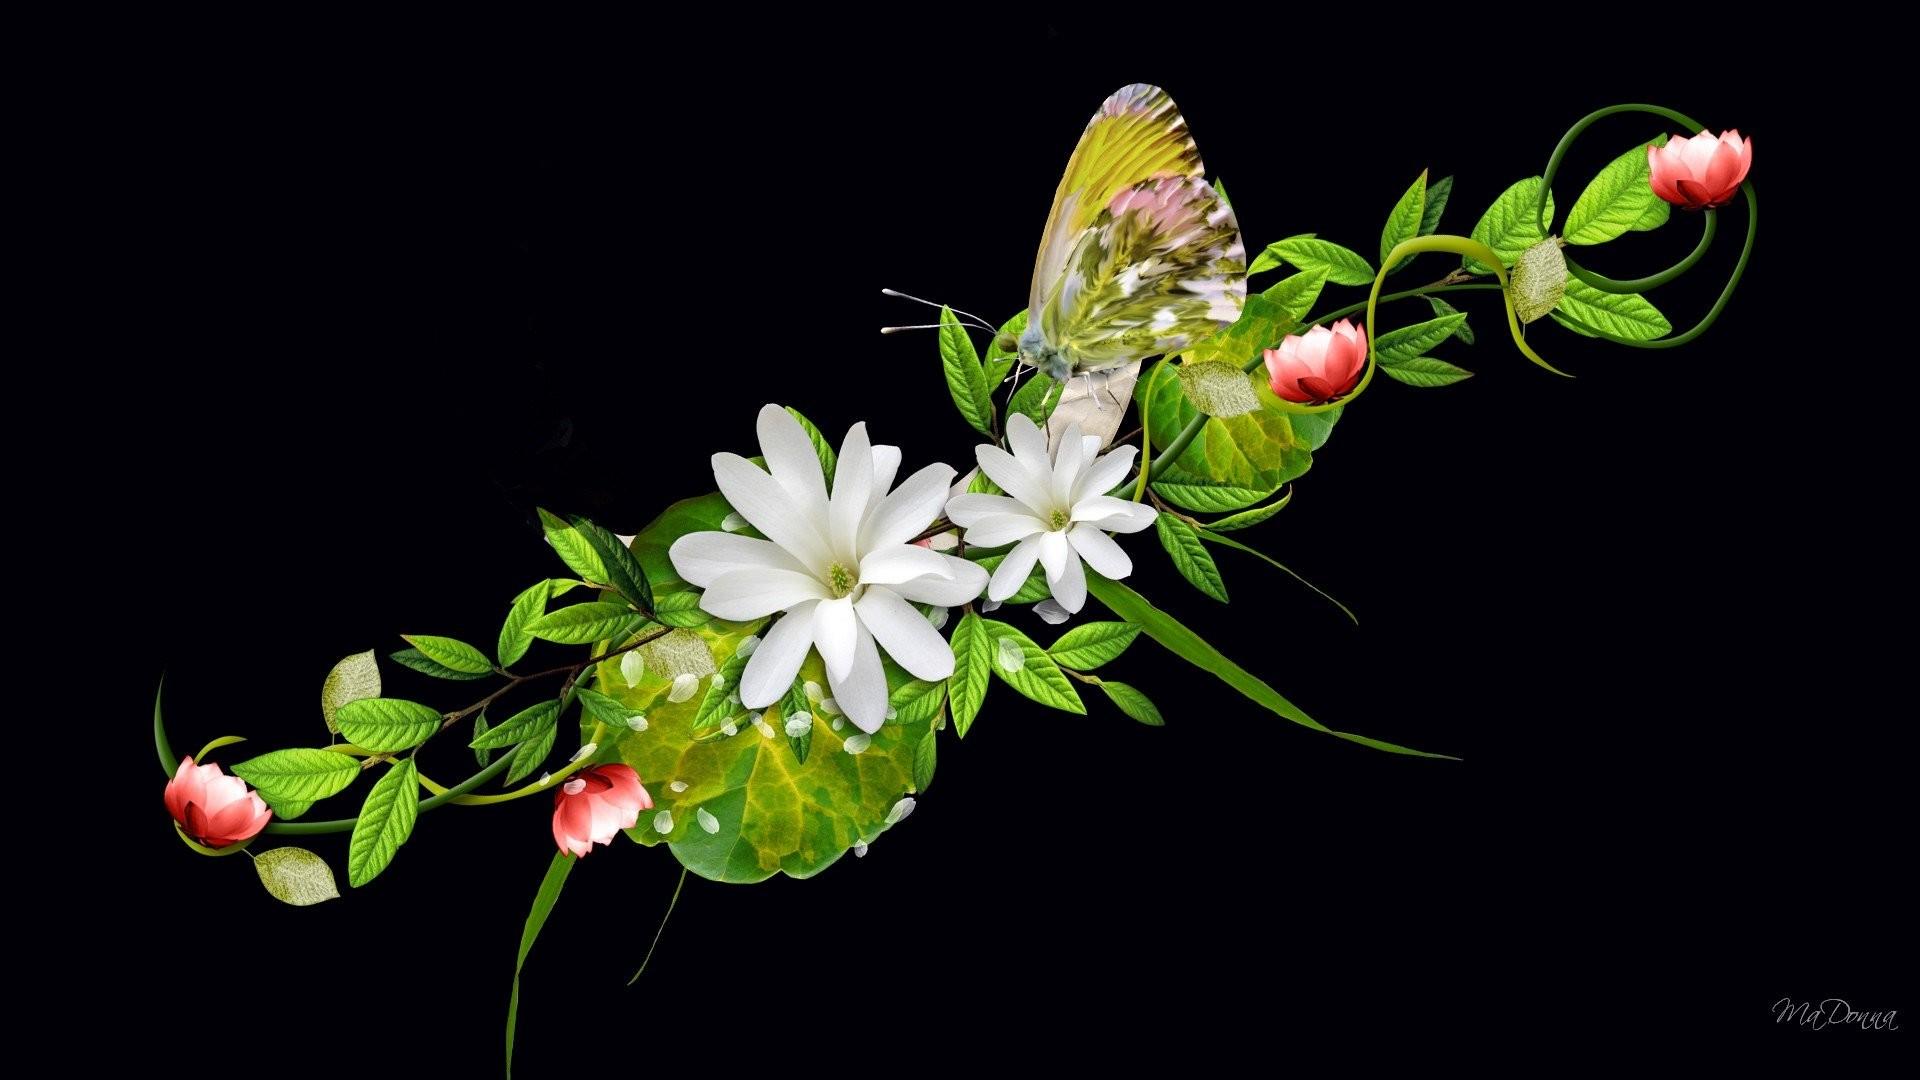 0 Beautiful Butterfly Wallpaper Beautiful Butterfly Wallpaper